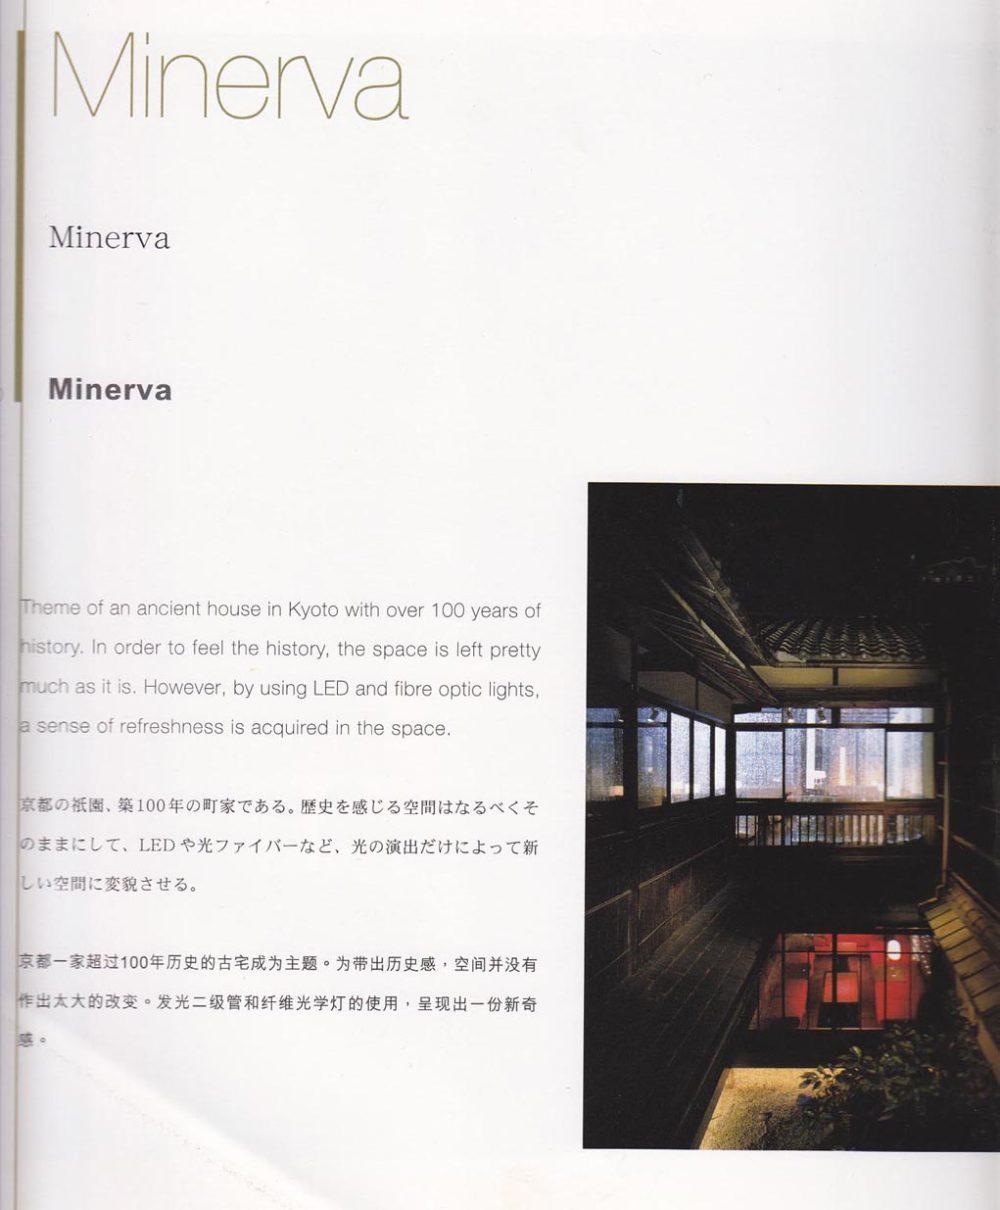 《桥本夕纪夫设计观》_50.jpg